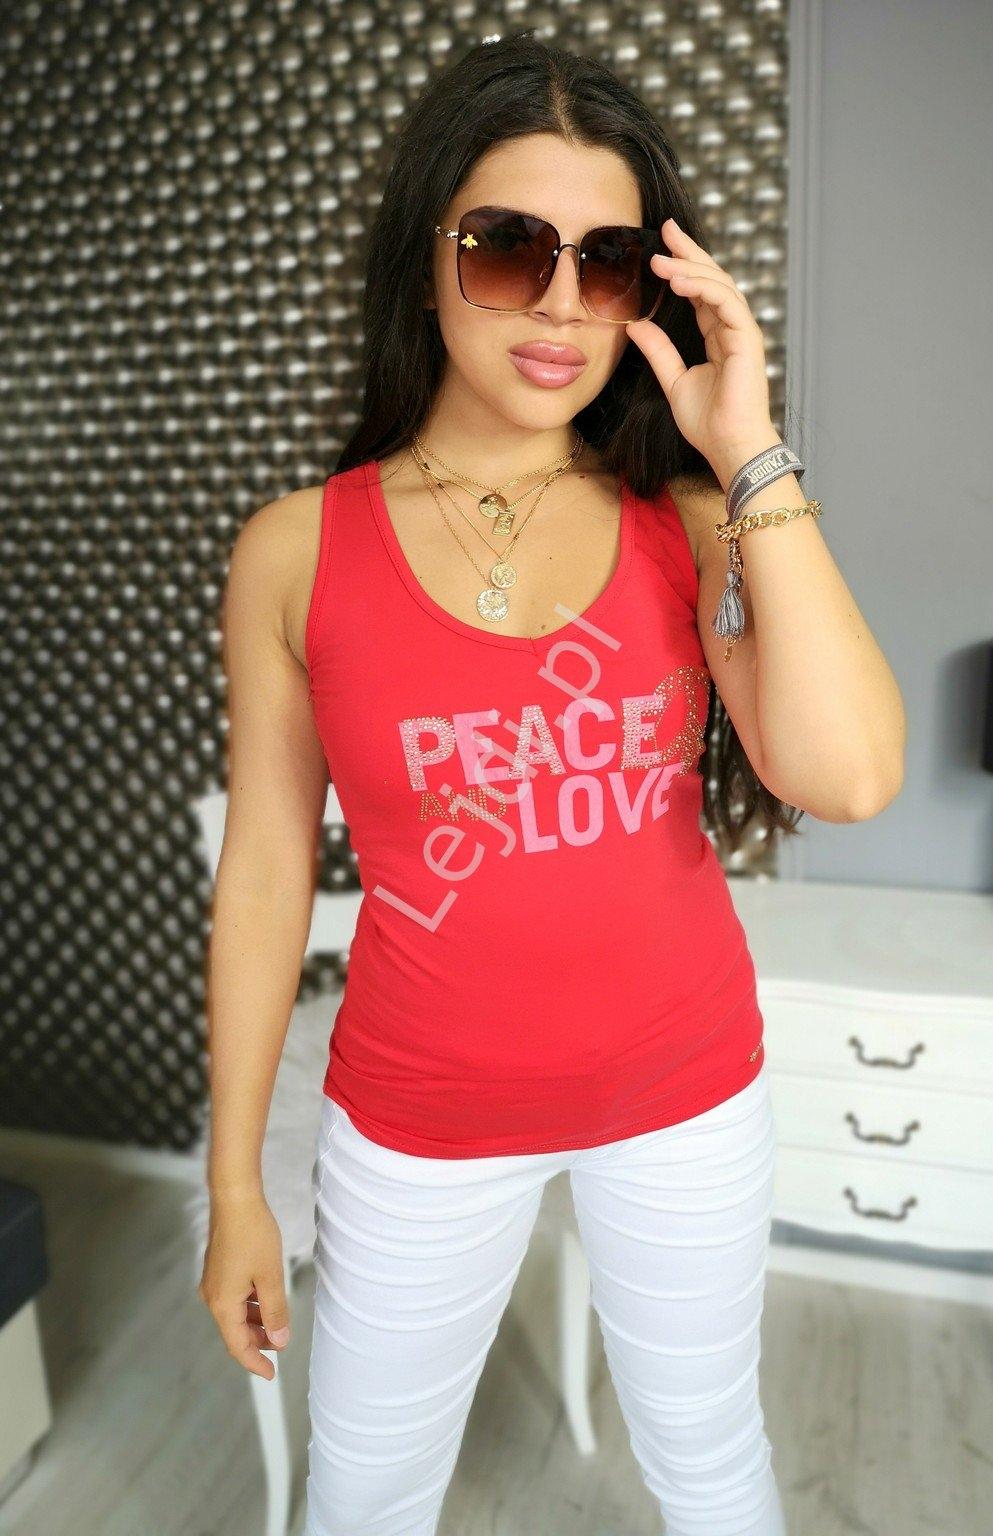 Czerwony top z napisem peace and love  i pacyfką